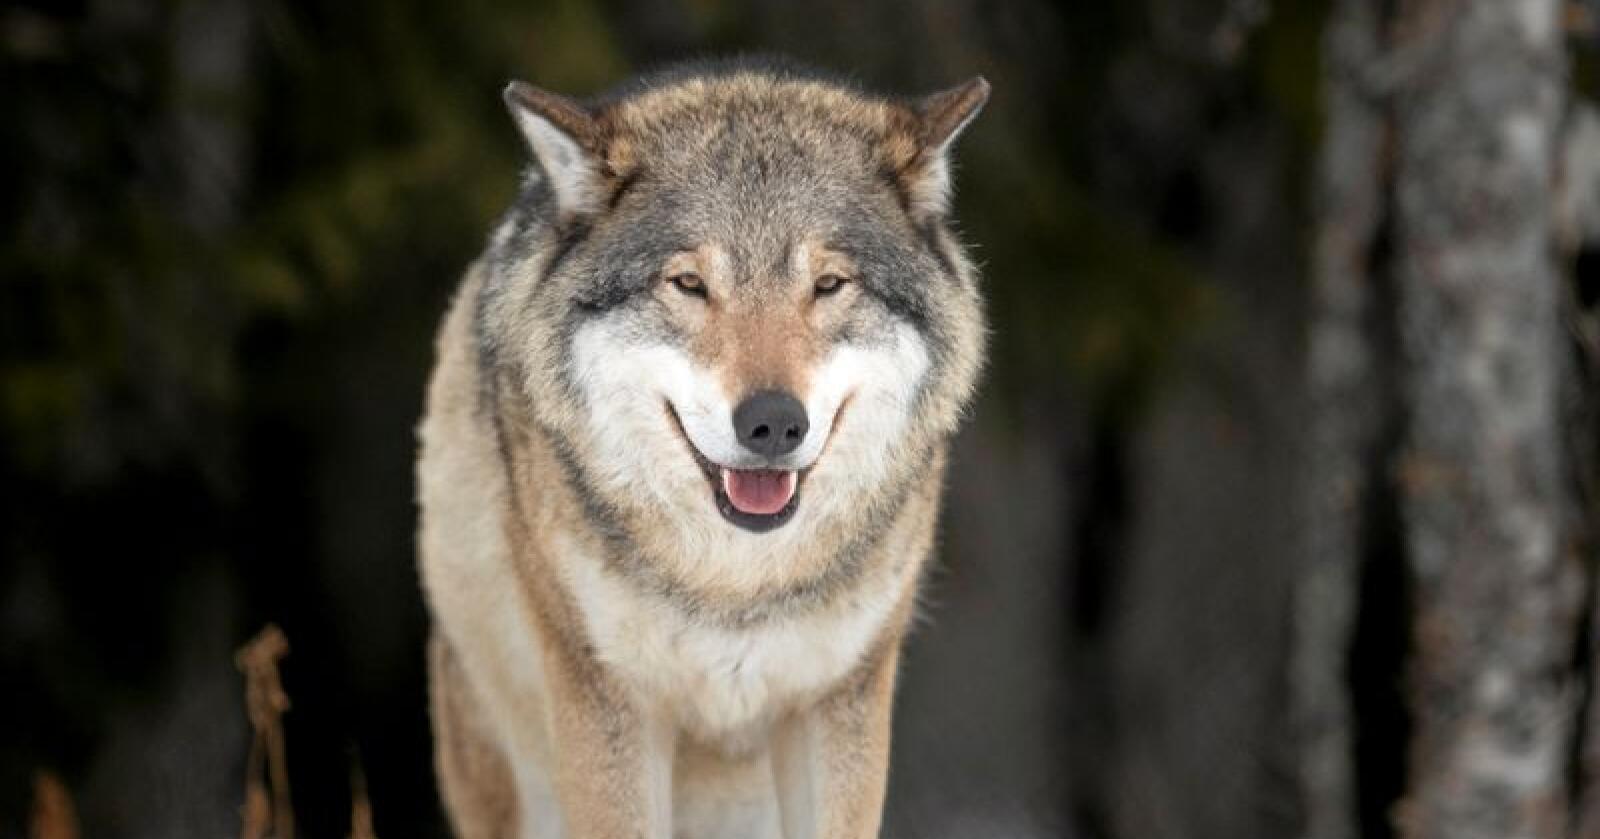 Bygdefolk for rovdyr ønsker gratis buss til markeiring for ulv i Oslo. Illustrasjonsfoto: Heiko Junge / NTB scanpix